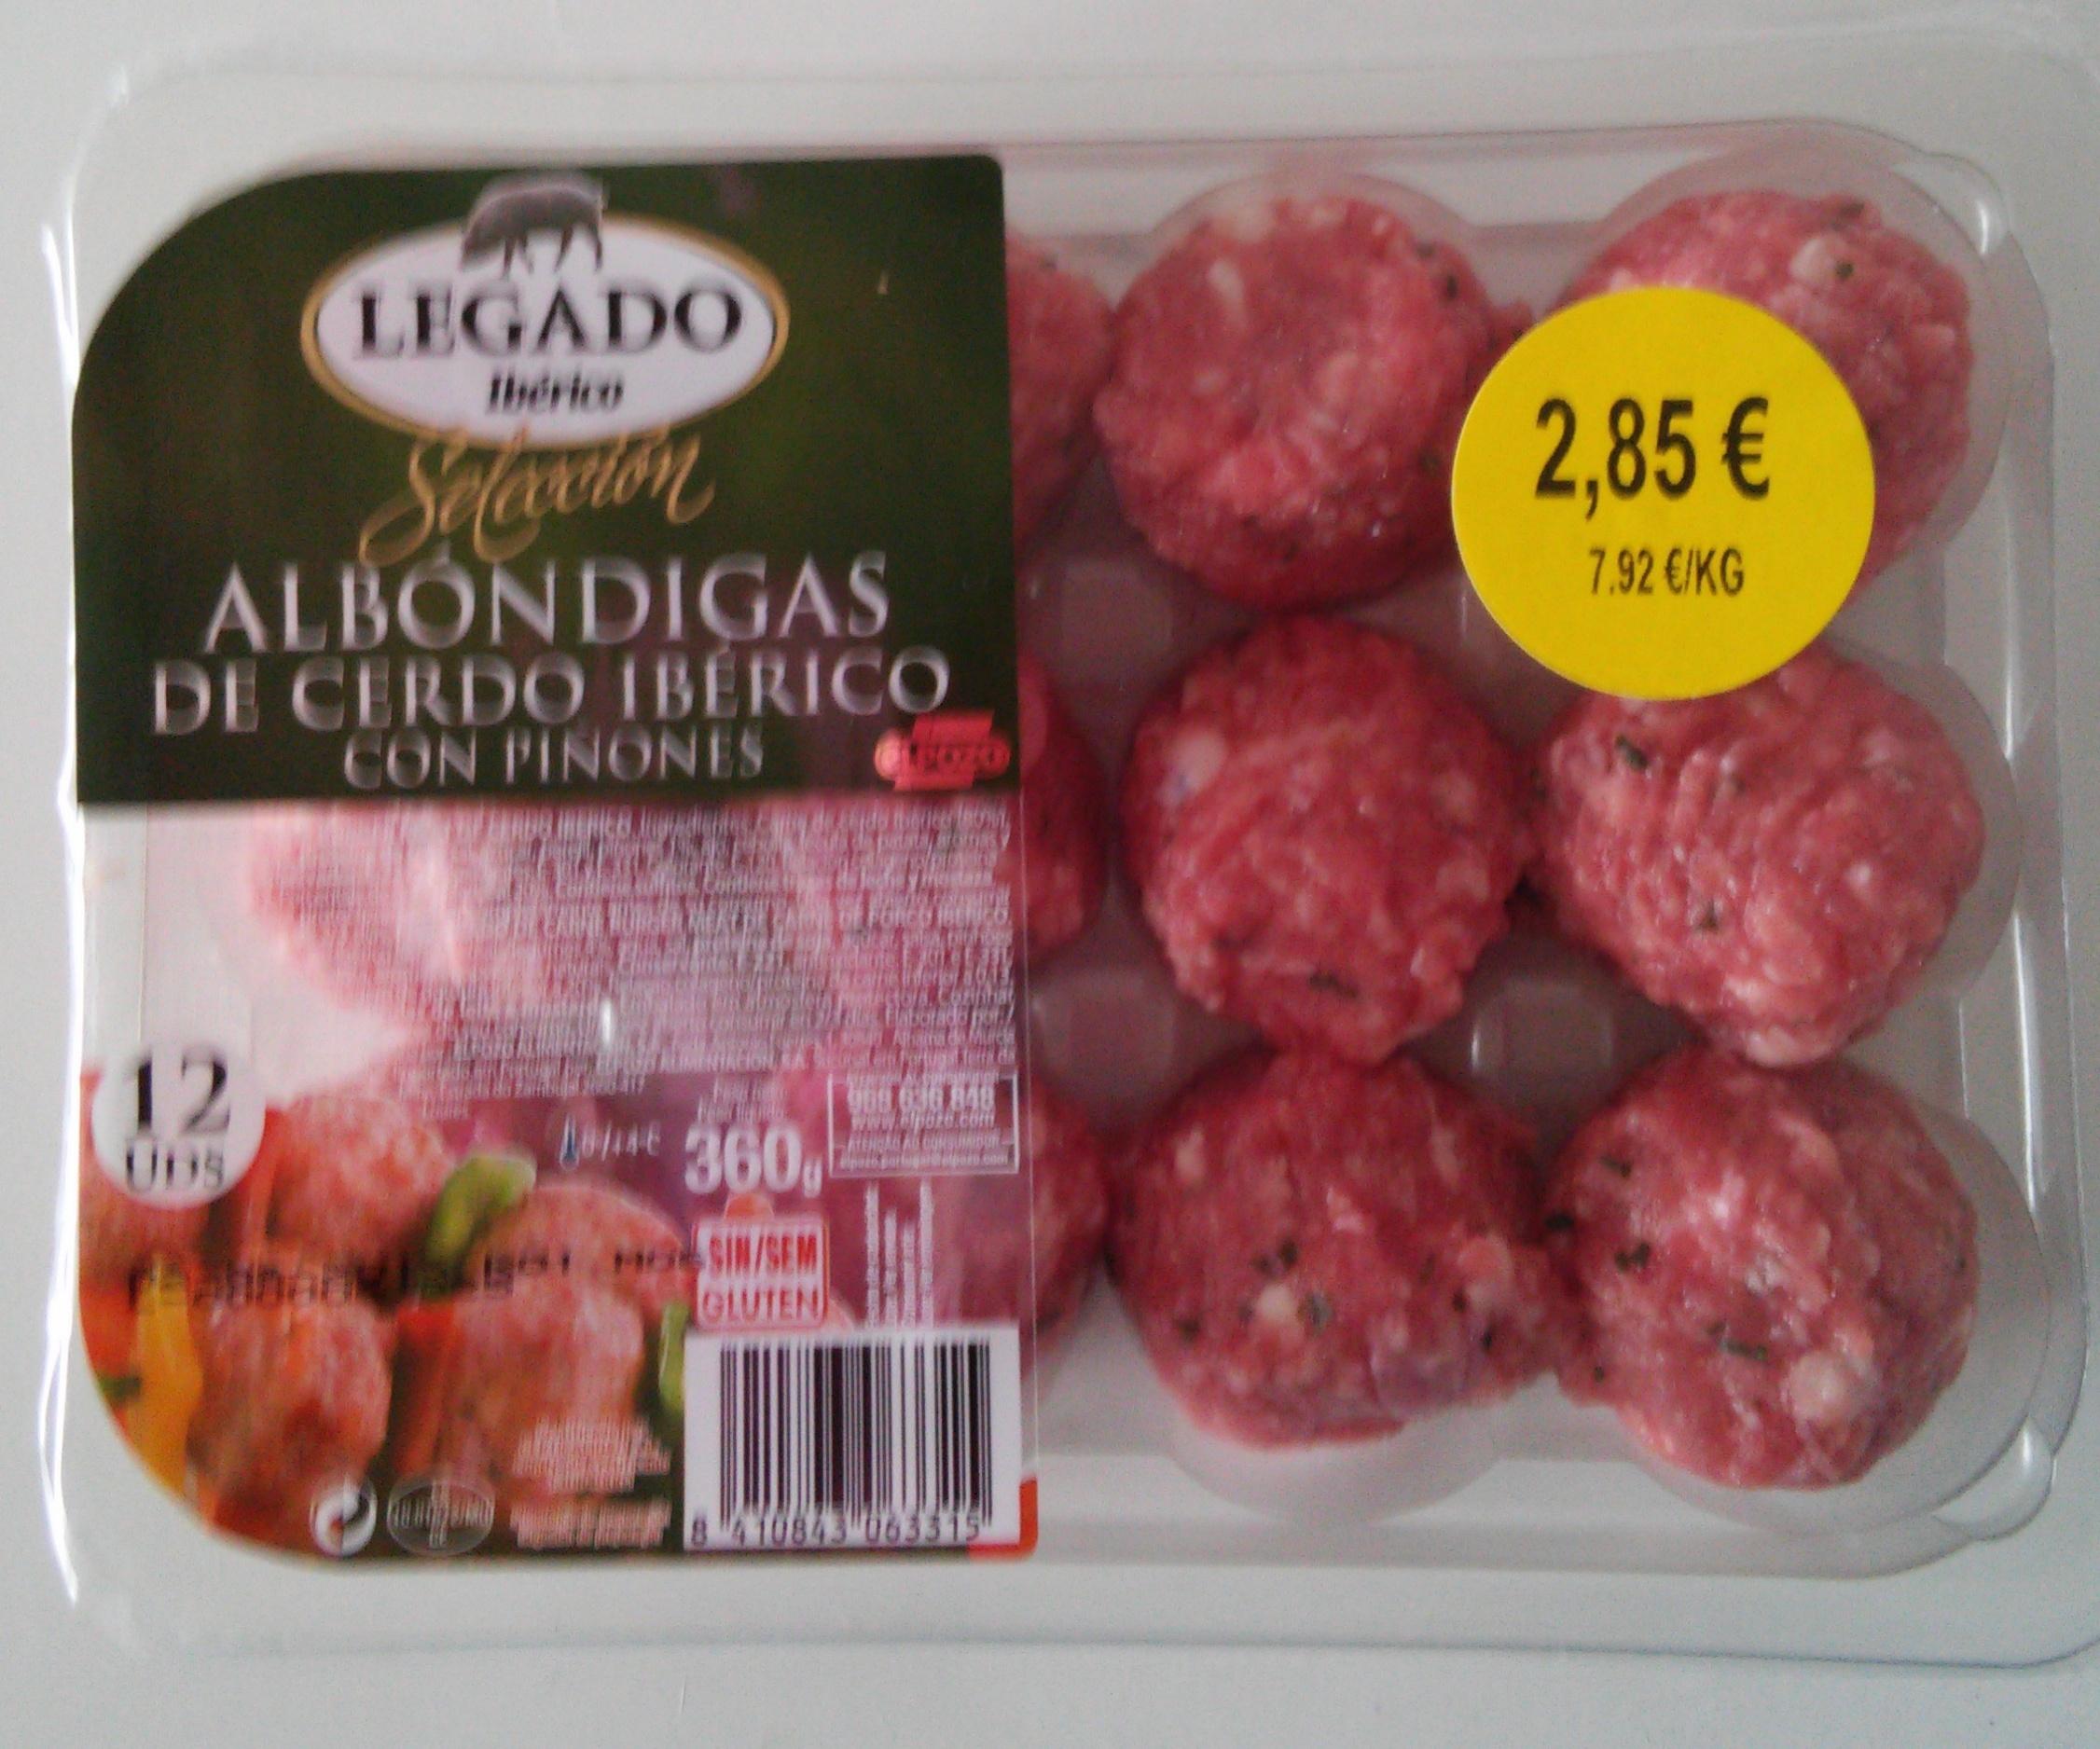 Albóndigas de cerdo ibérico - Producte - es